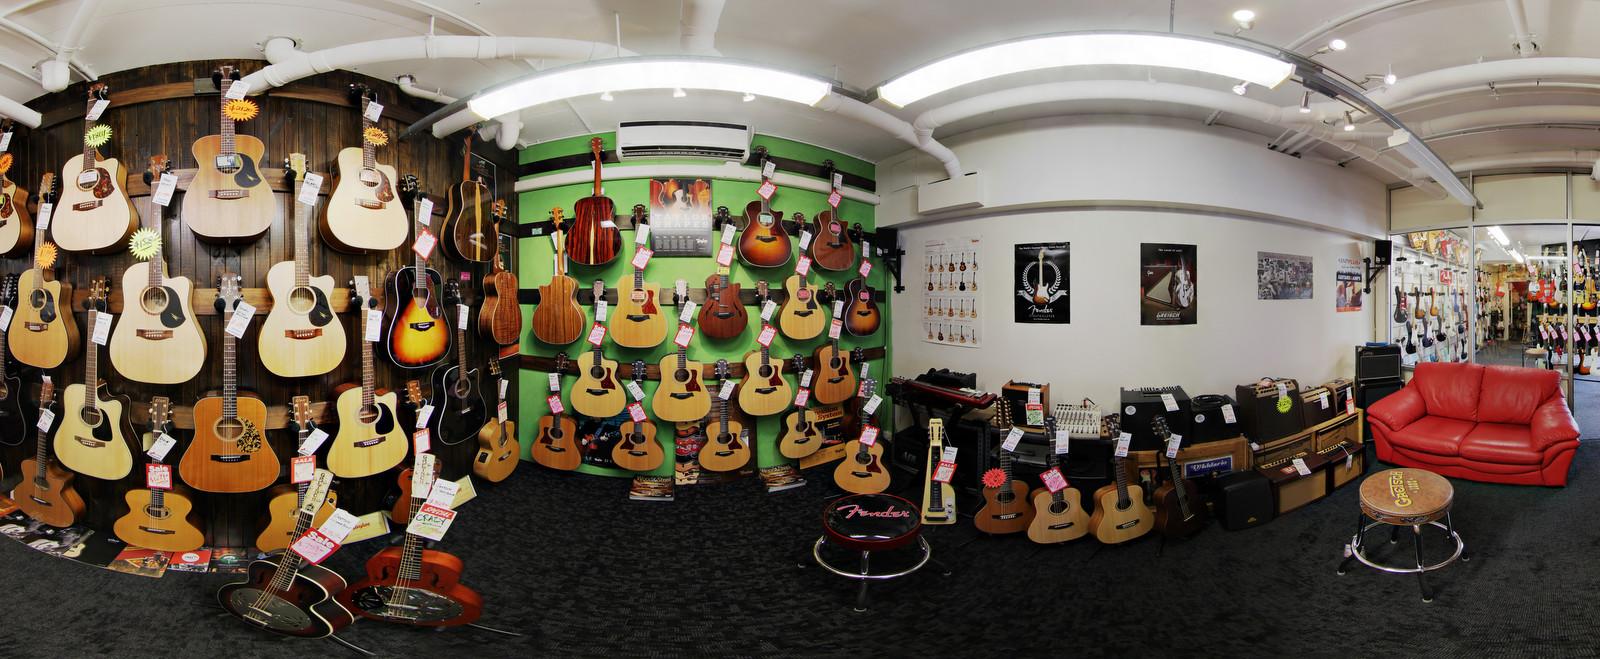 The-Guitar-Centre